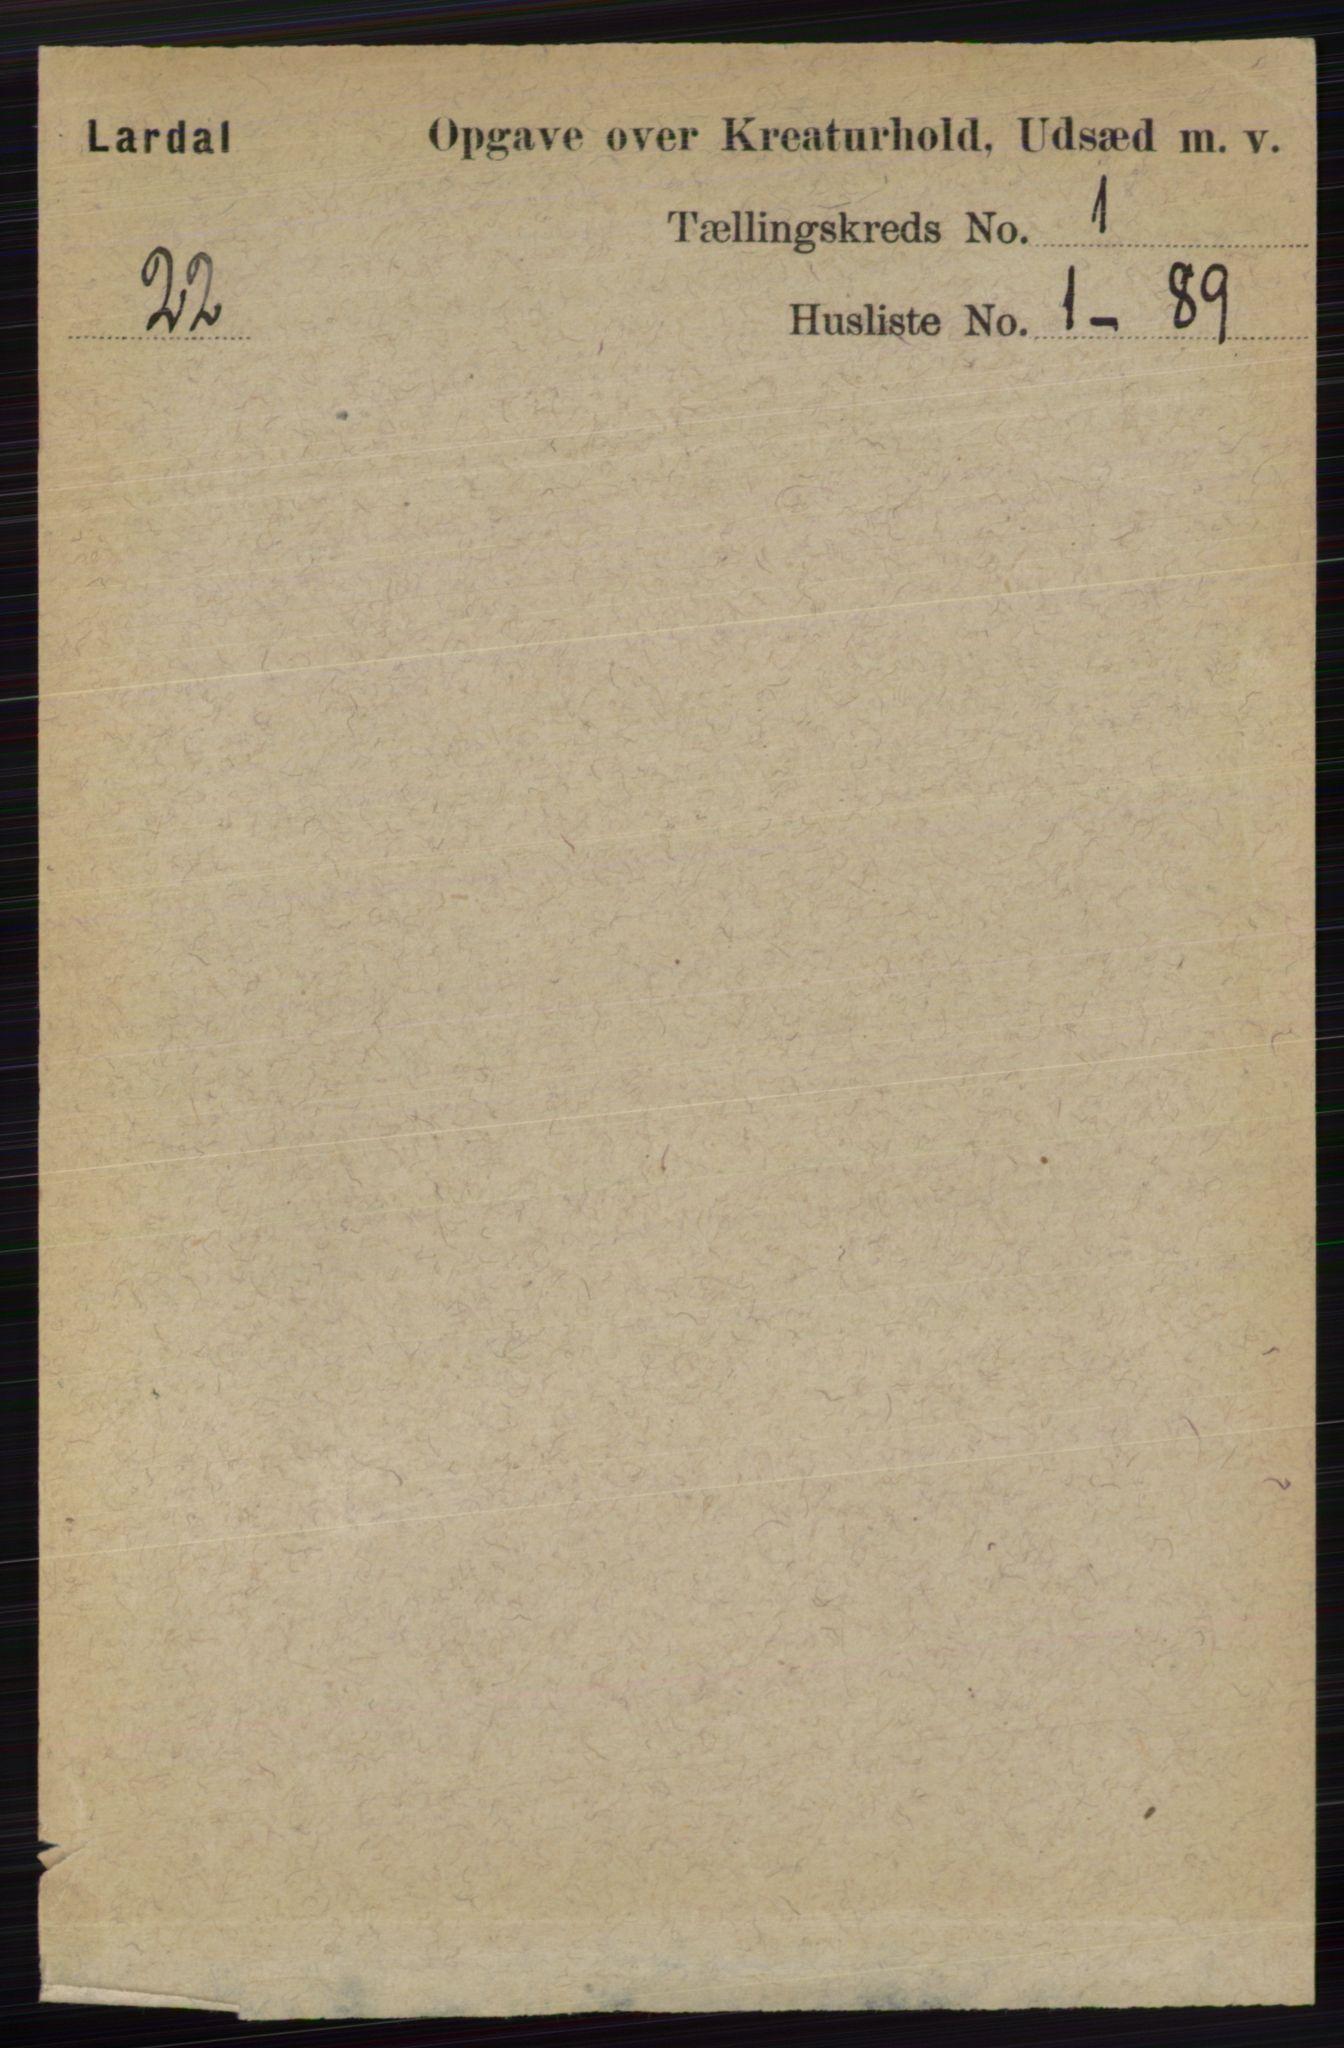 RA, Folketelling 1891 for 0728 Lardal herred, 1891, s. 3235